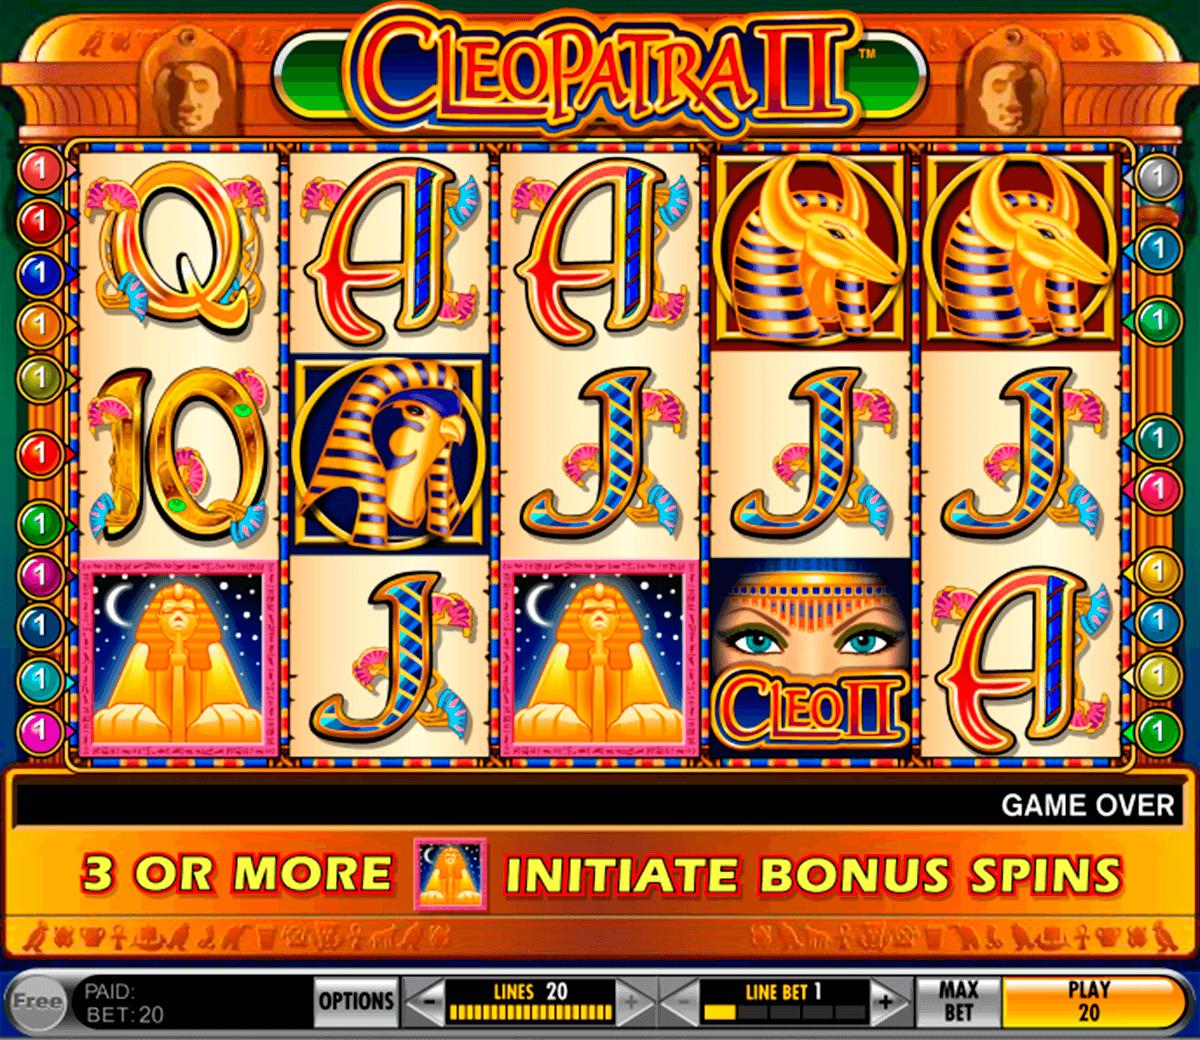 Giros gratis Chile casino extra maquinas tragamonedas-351885